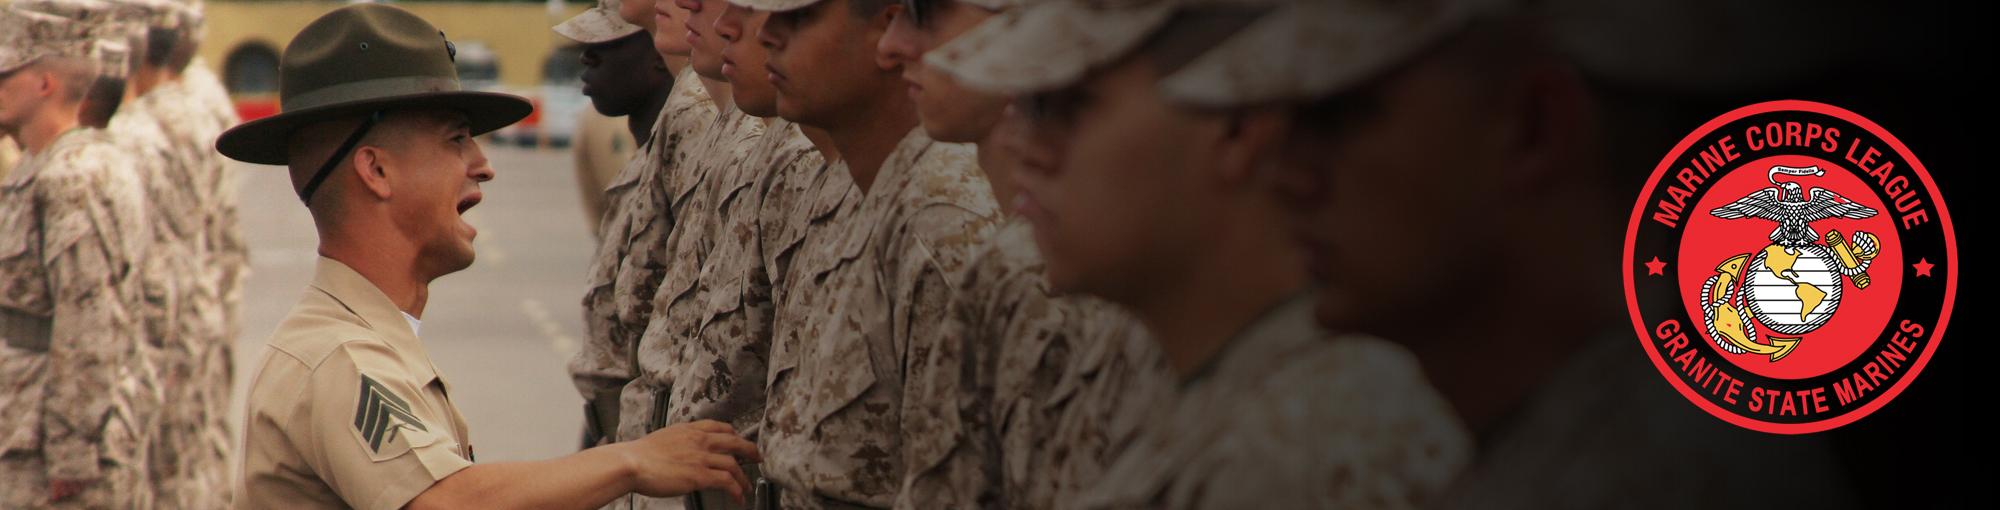 Granite State Marines